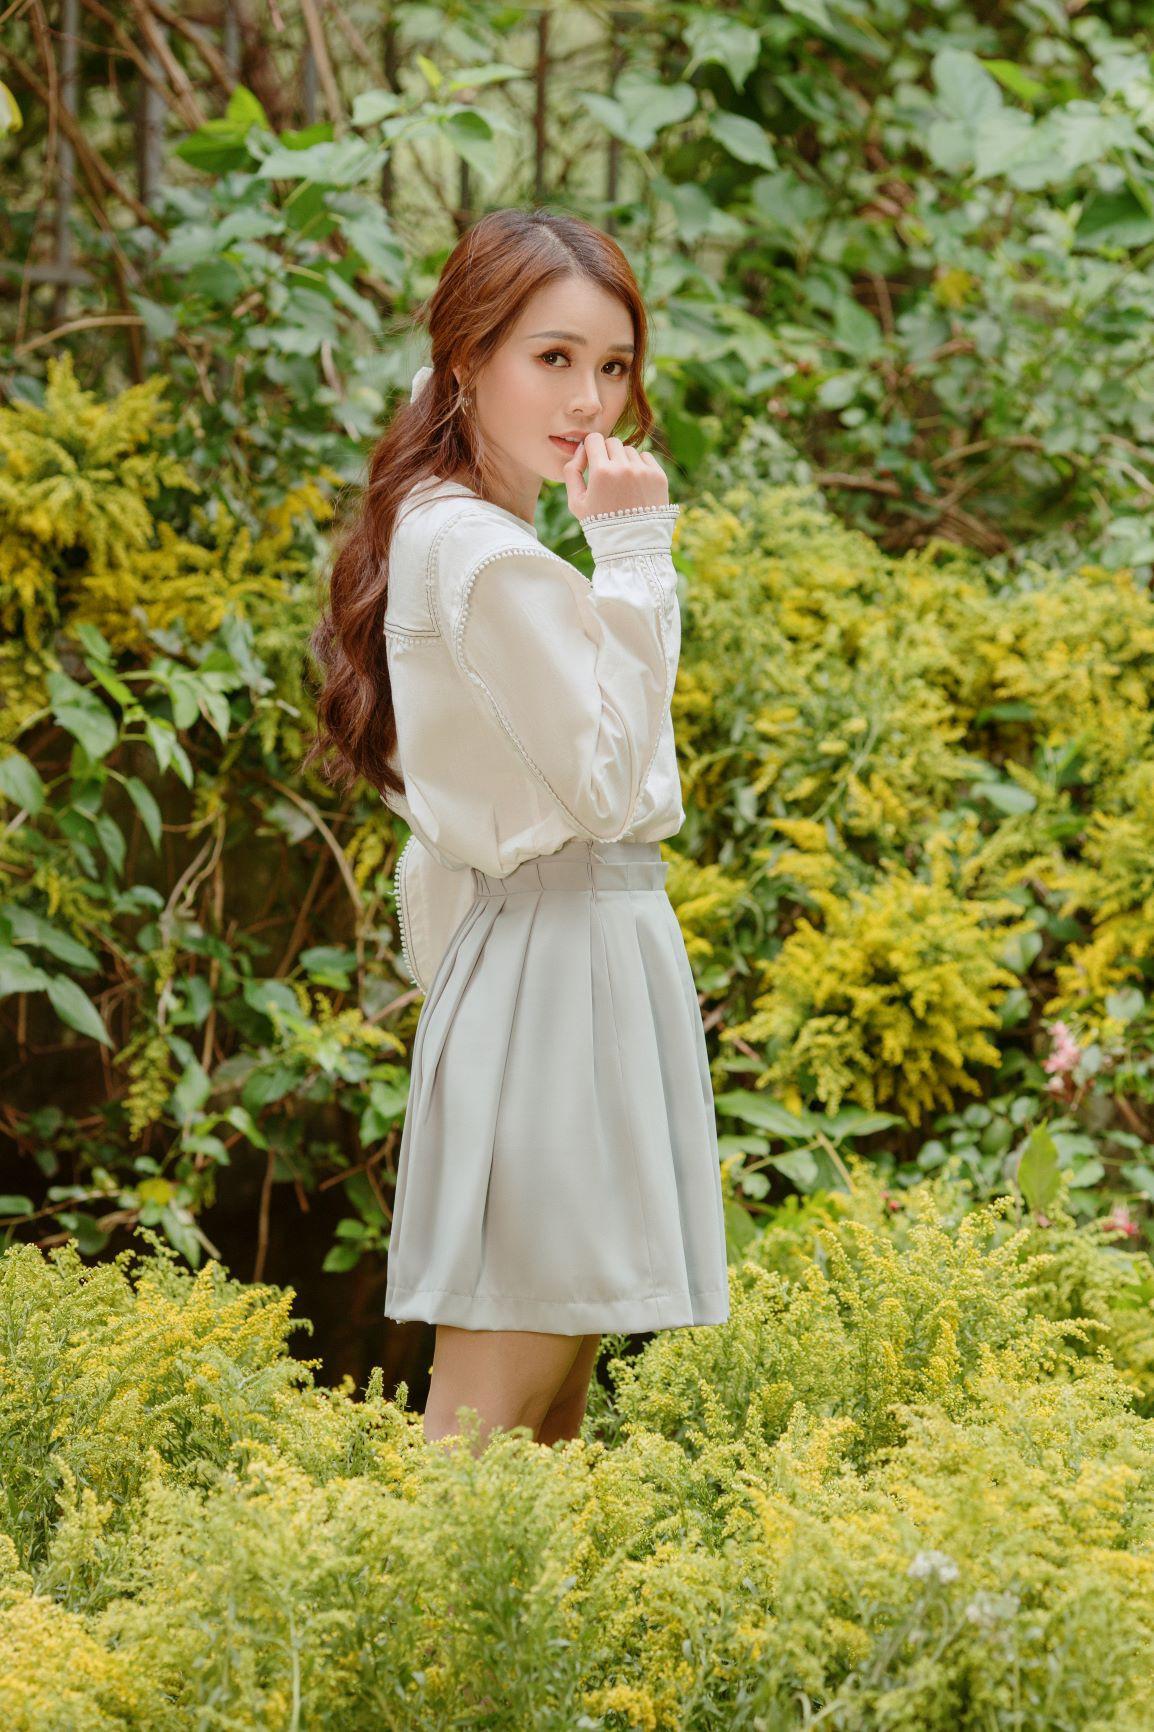 Cùng Sam đón mùa thu dịu dàng bằng những mẫu váy đẹp đến nao lòng - Ảnh 6.